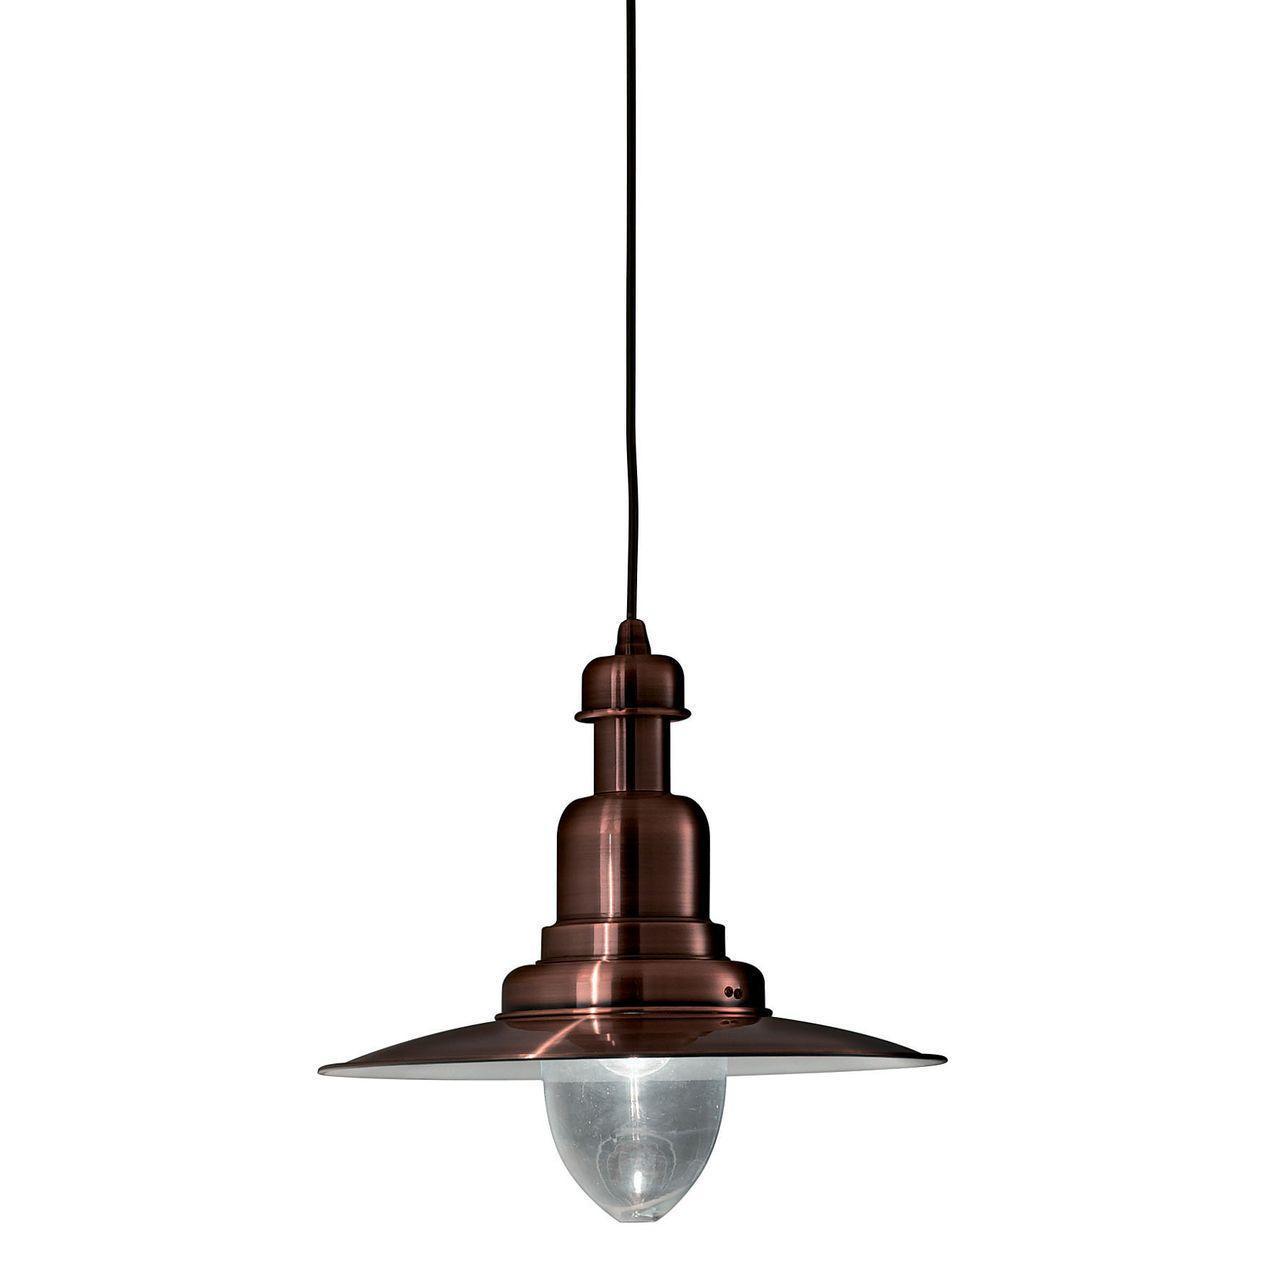 Подвесной светильник Ideal Lux Fiordi SP1 Rame